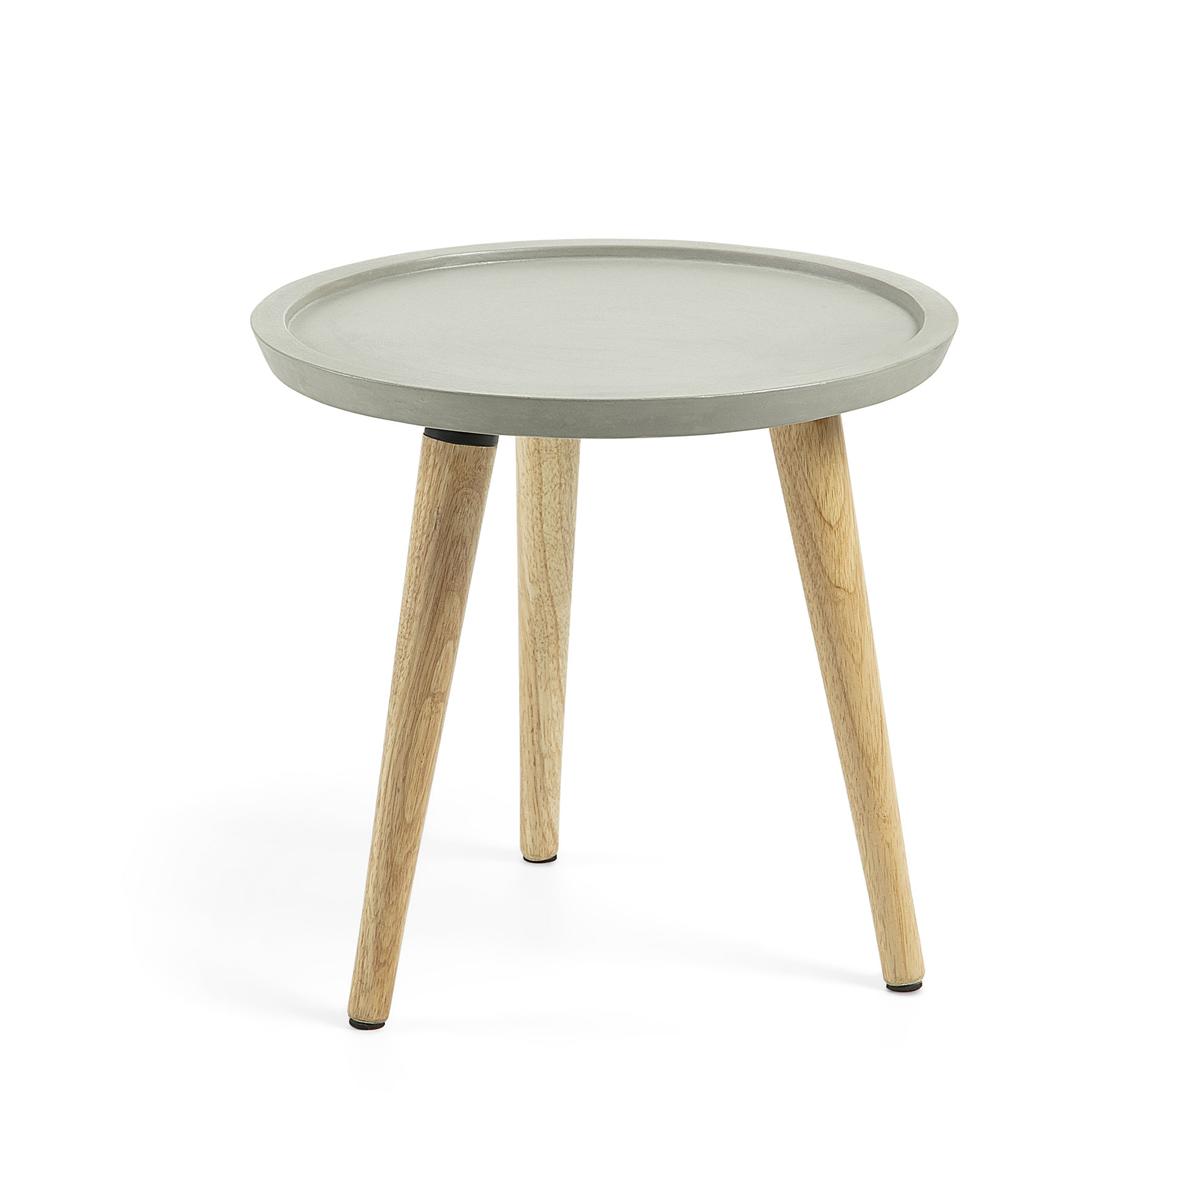 Table d'appoint en ciment et bois de caoutchouc - Ciment - H 38 x 40 x 40 cm